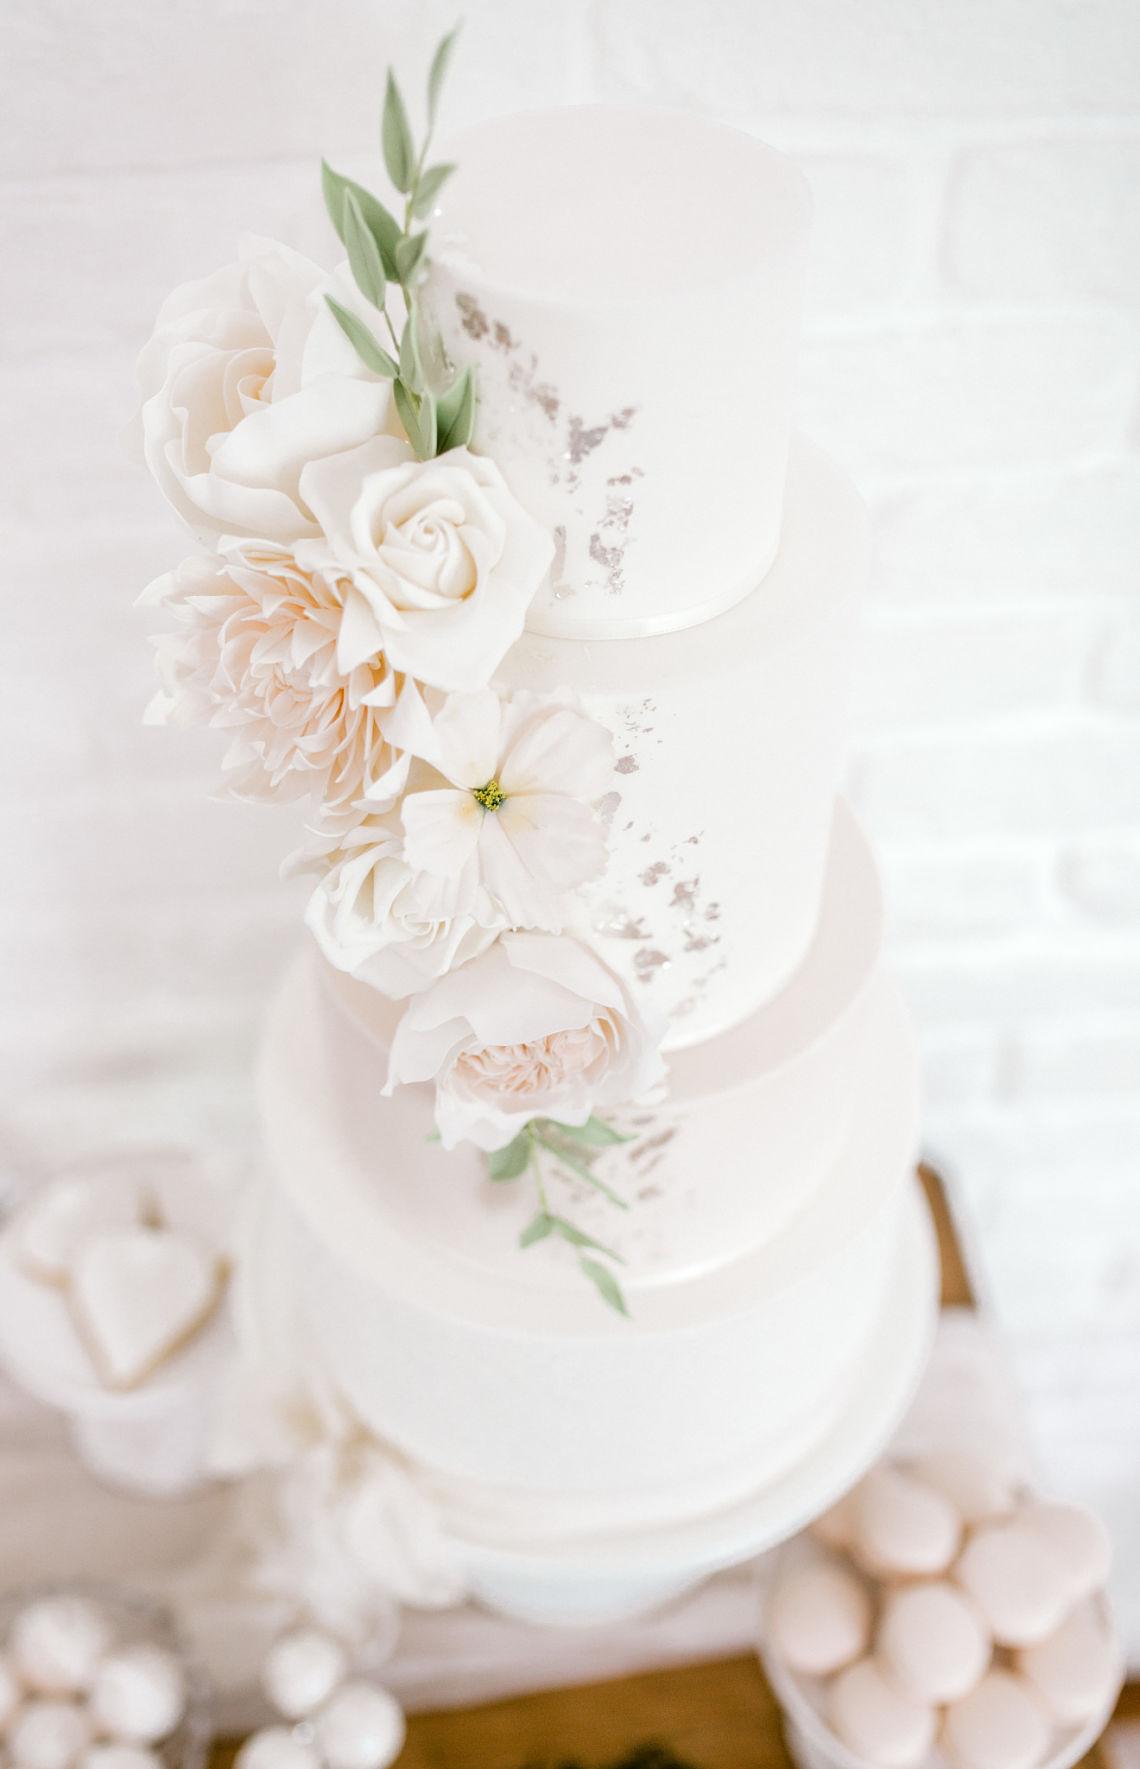 wedding-cake-sugar-flowers-blush-neutral-Essex-wedding-planner